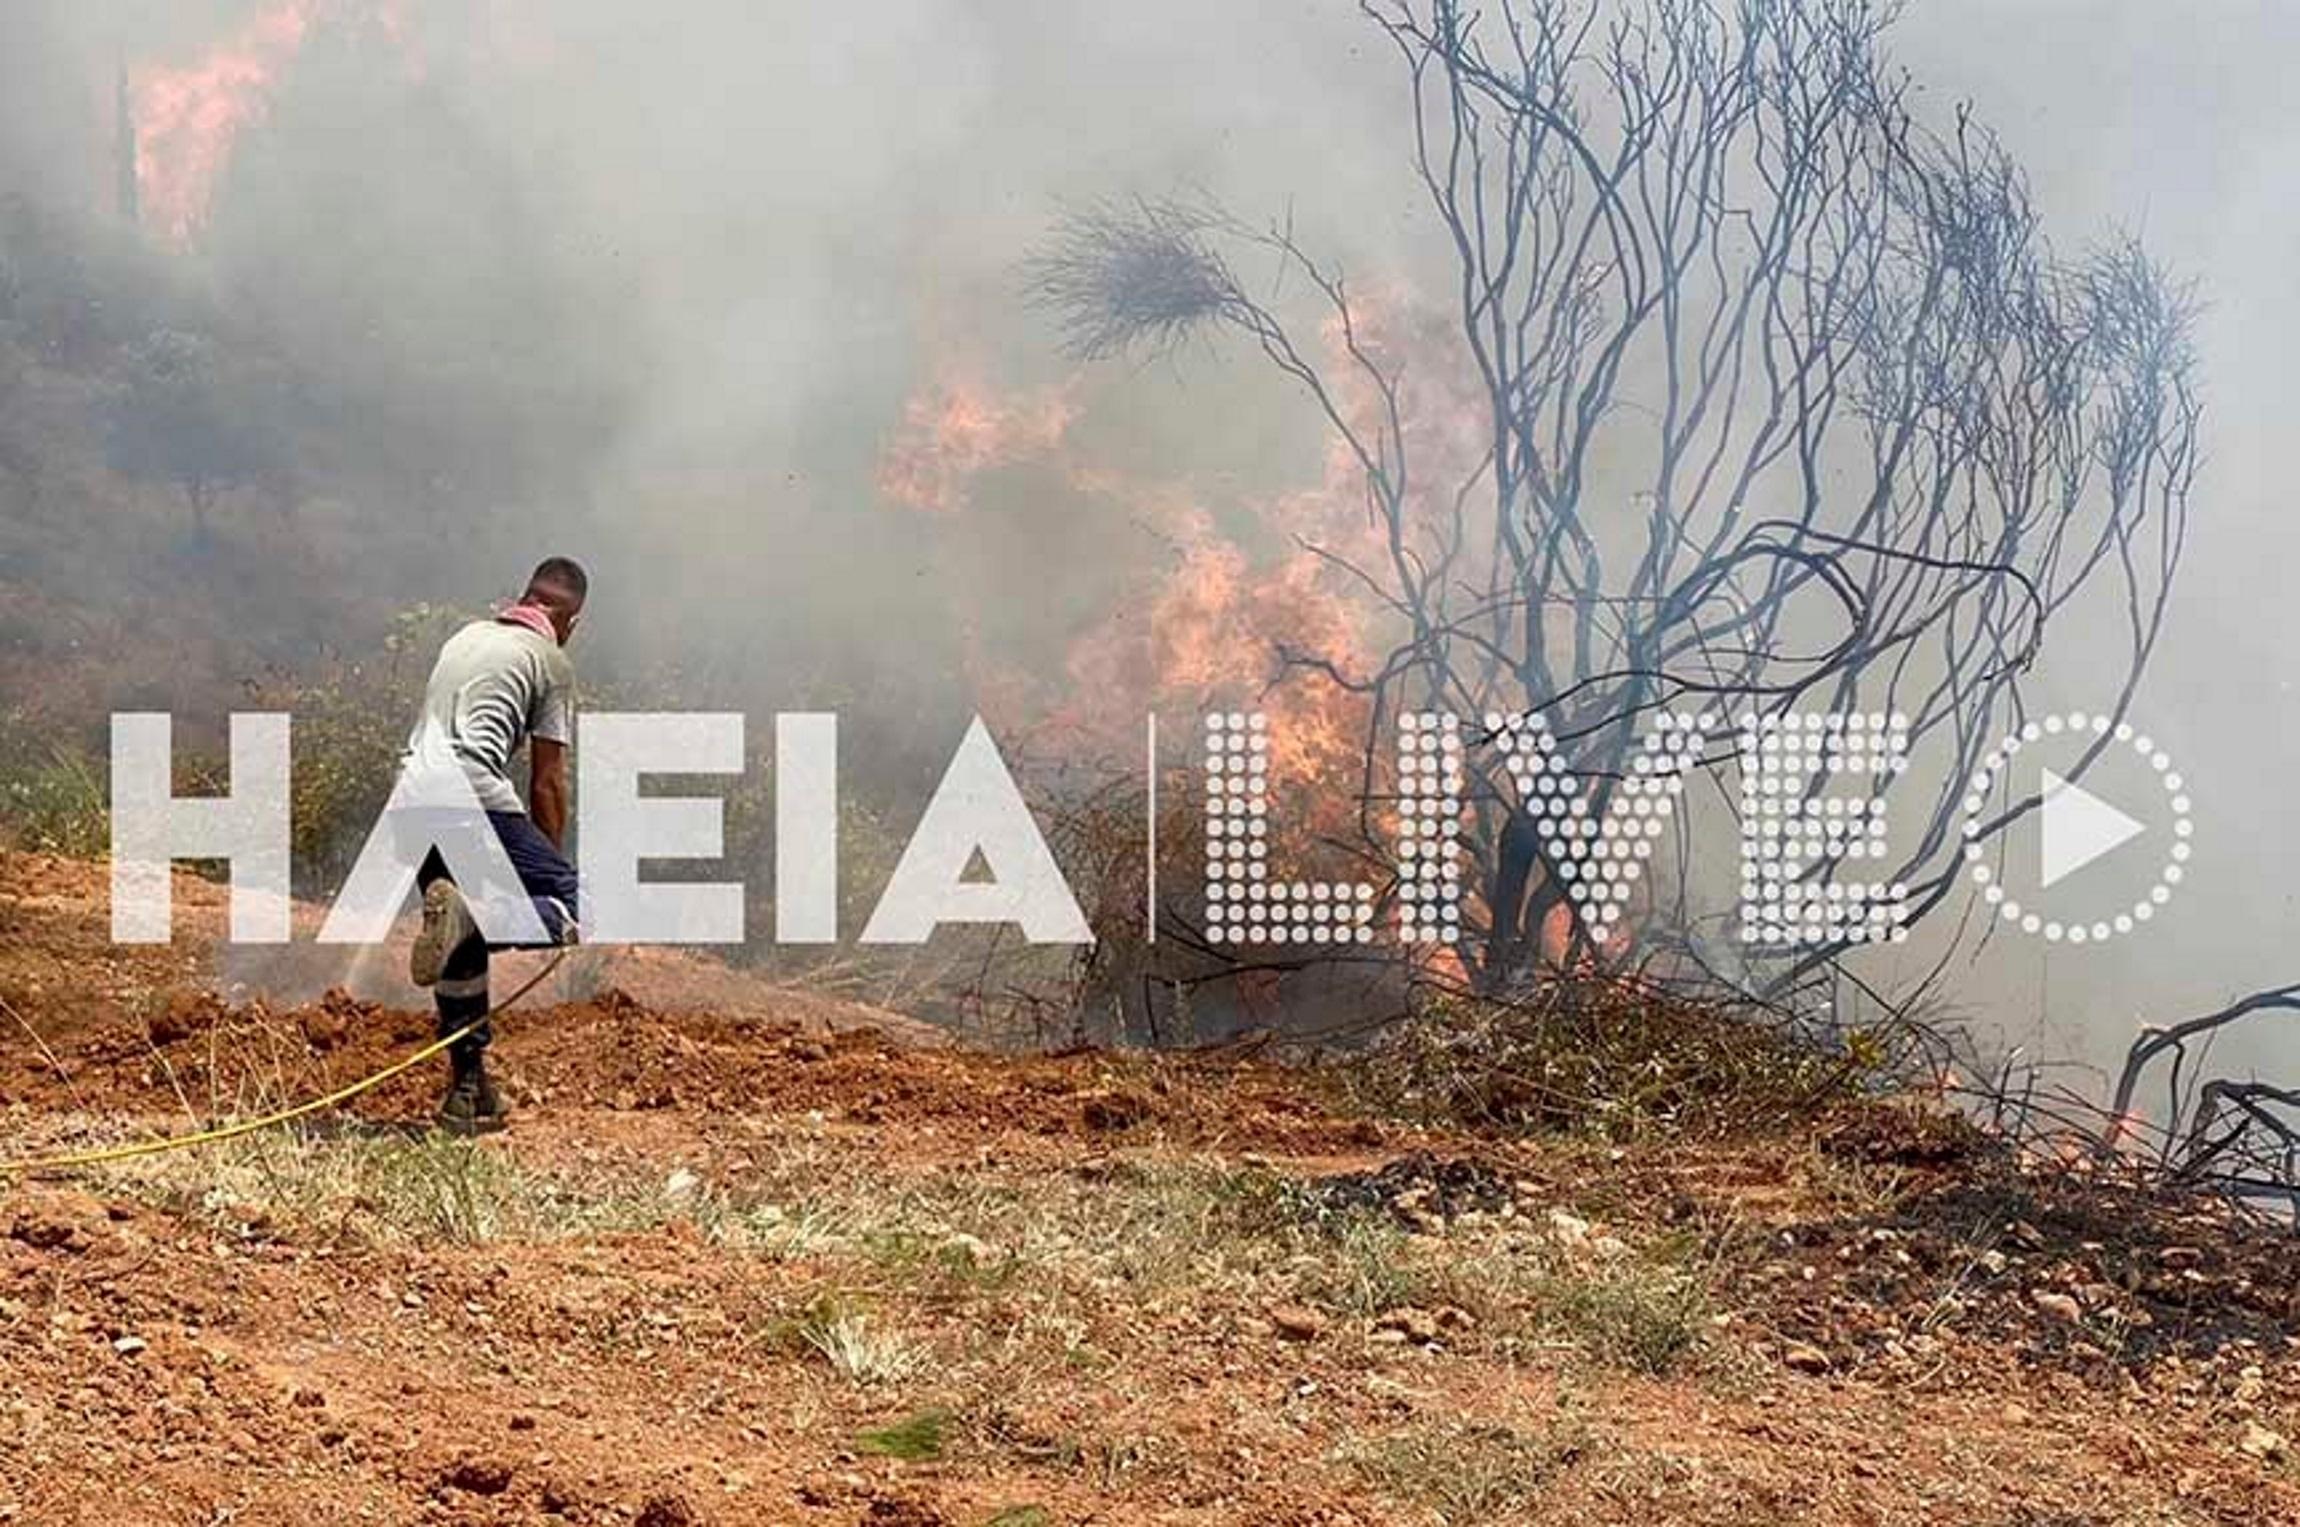 Φωτιά στην Ηλεία: Μεγάλη μάχη στη Νεμούτα – Πληροφορίες για εγκλωβισμένους στα Χάνια